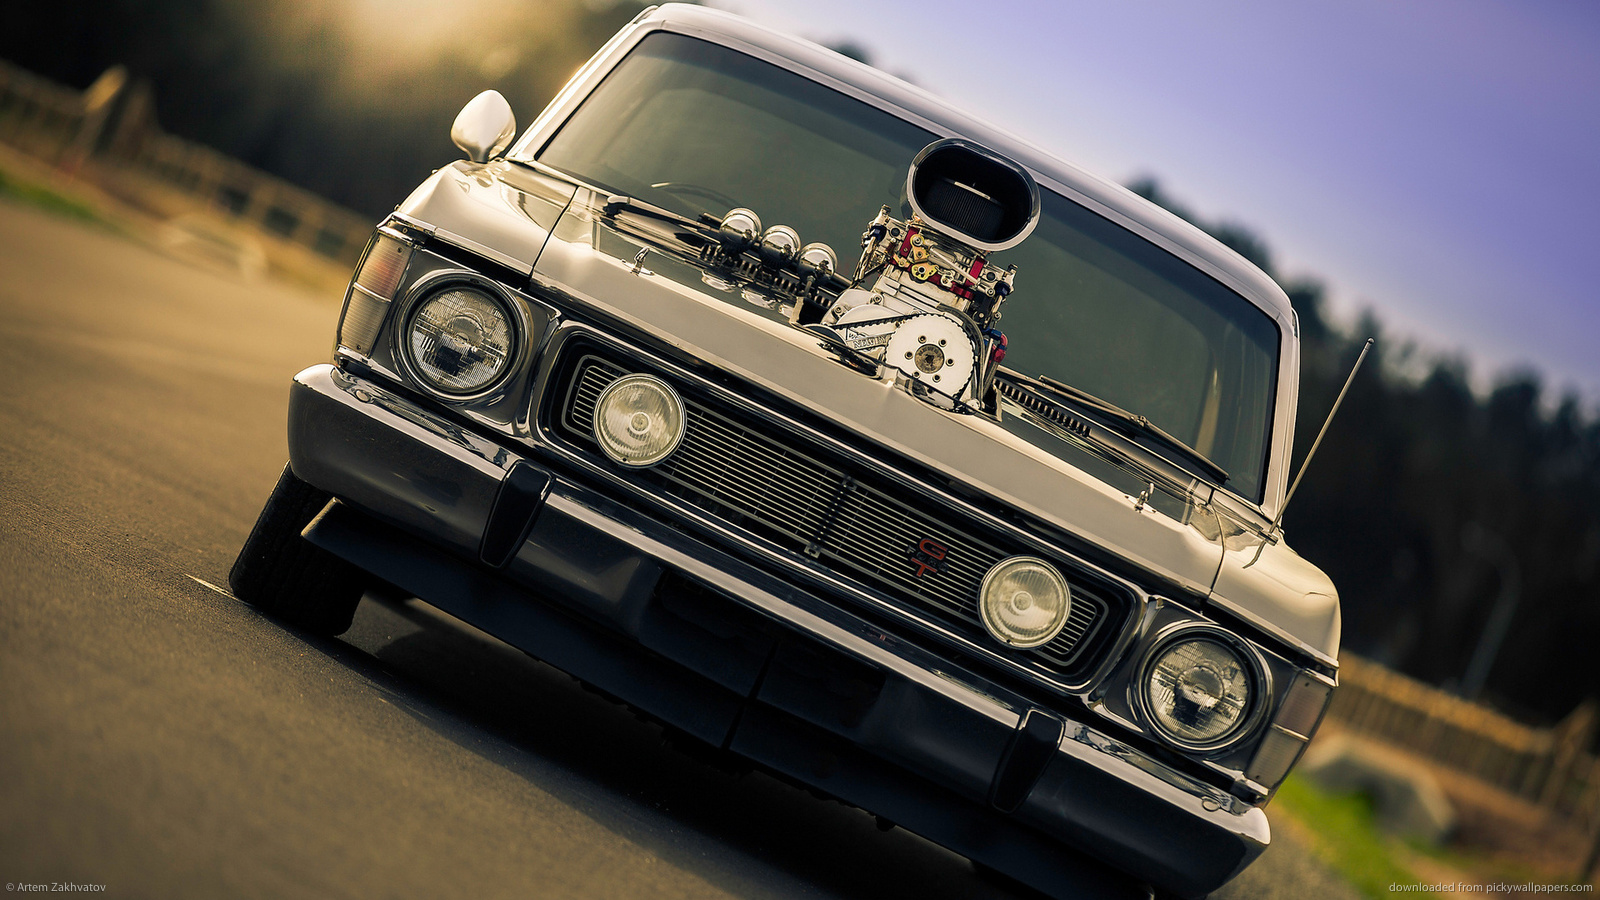 Phân loại động cơ tăng áp -  sự khác nhau Biturbo và Twin turbo